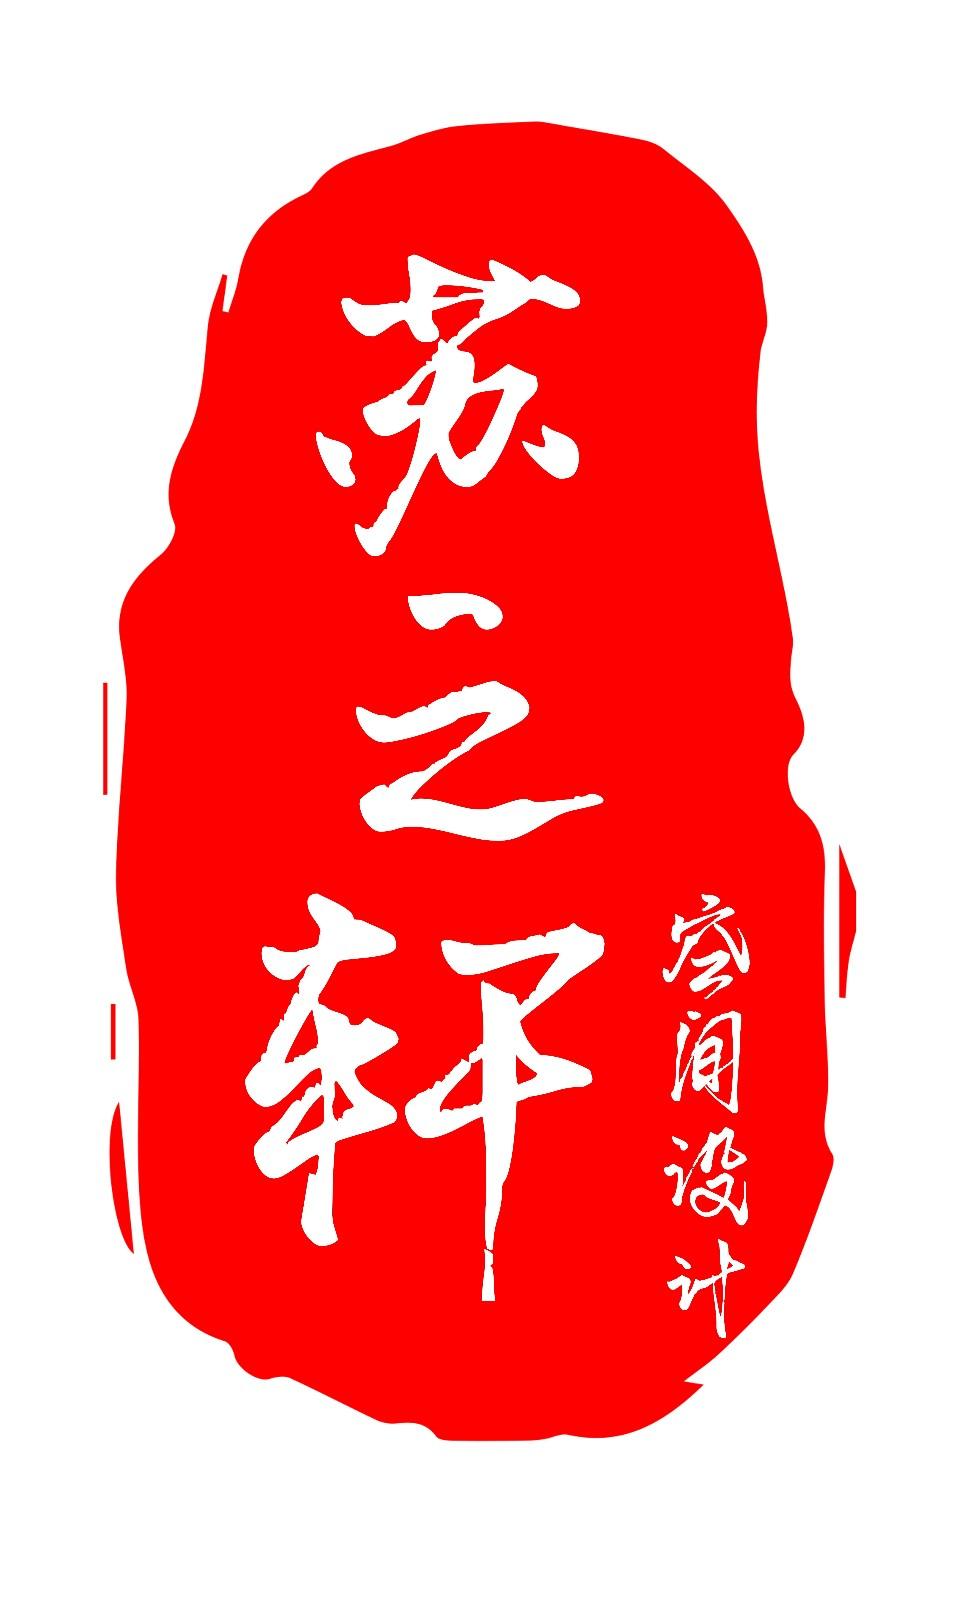 苏州苏之轩设计装饰工程有限公司